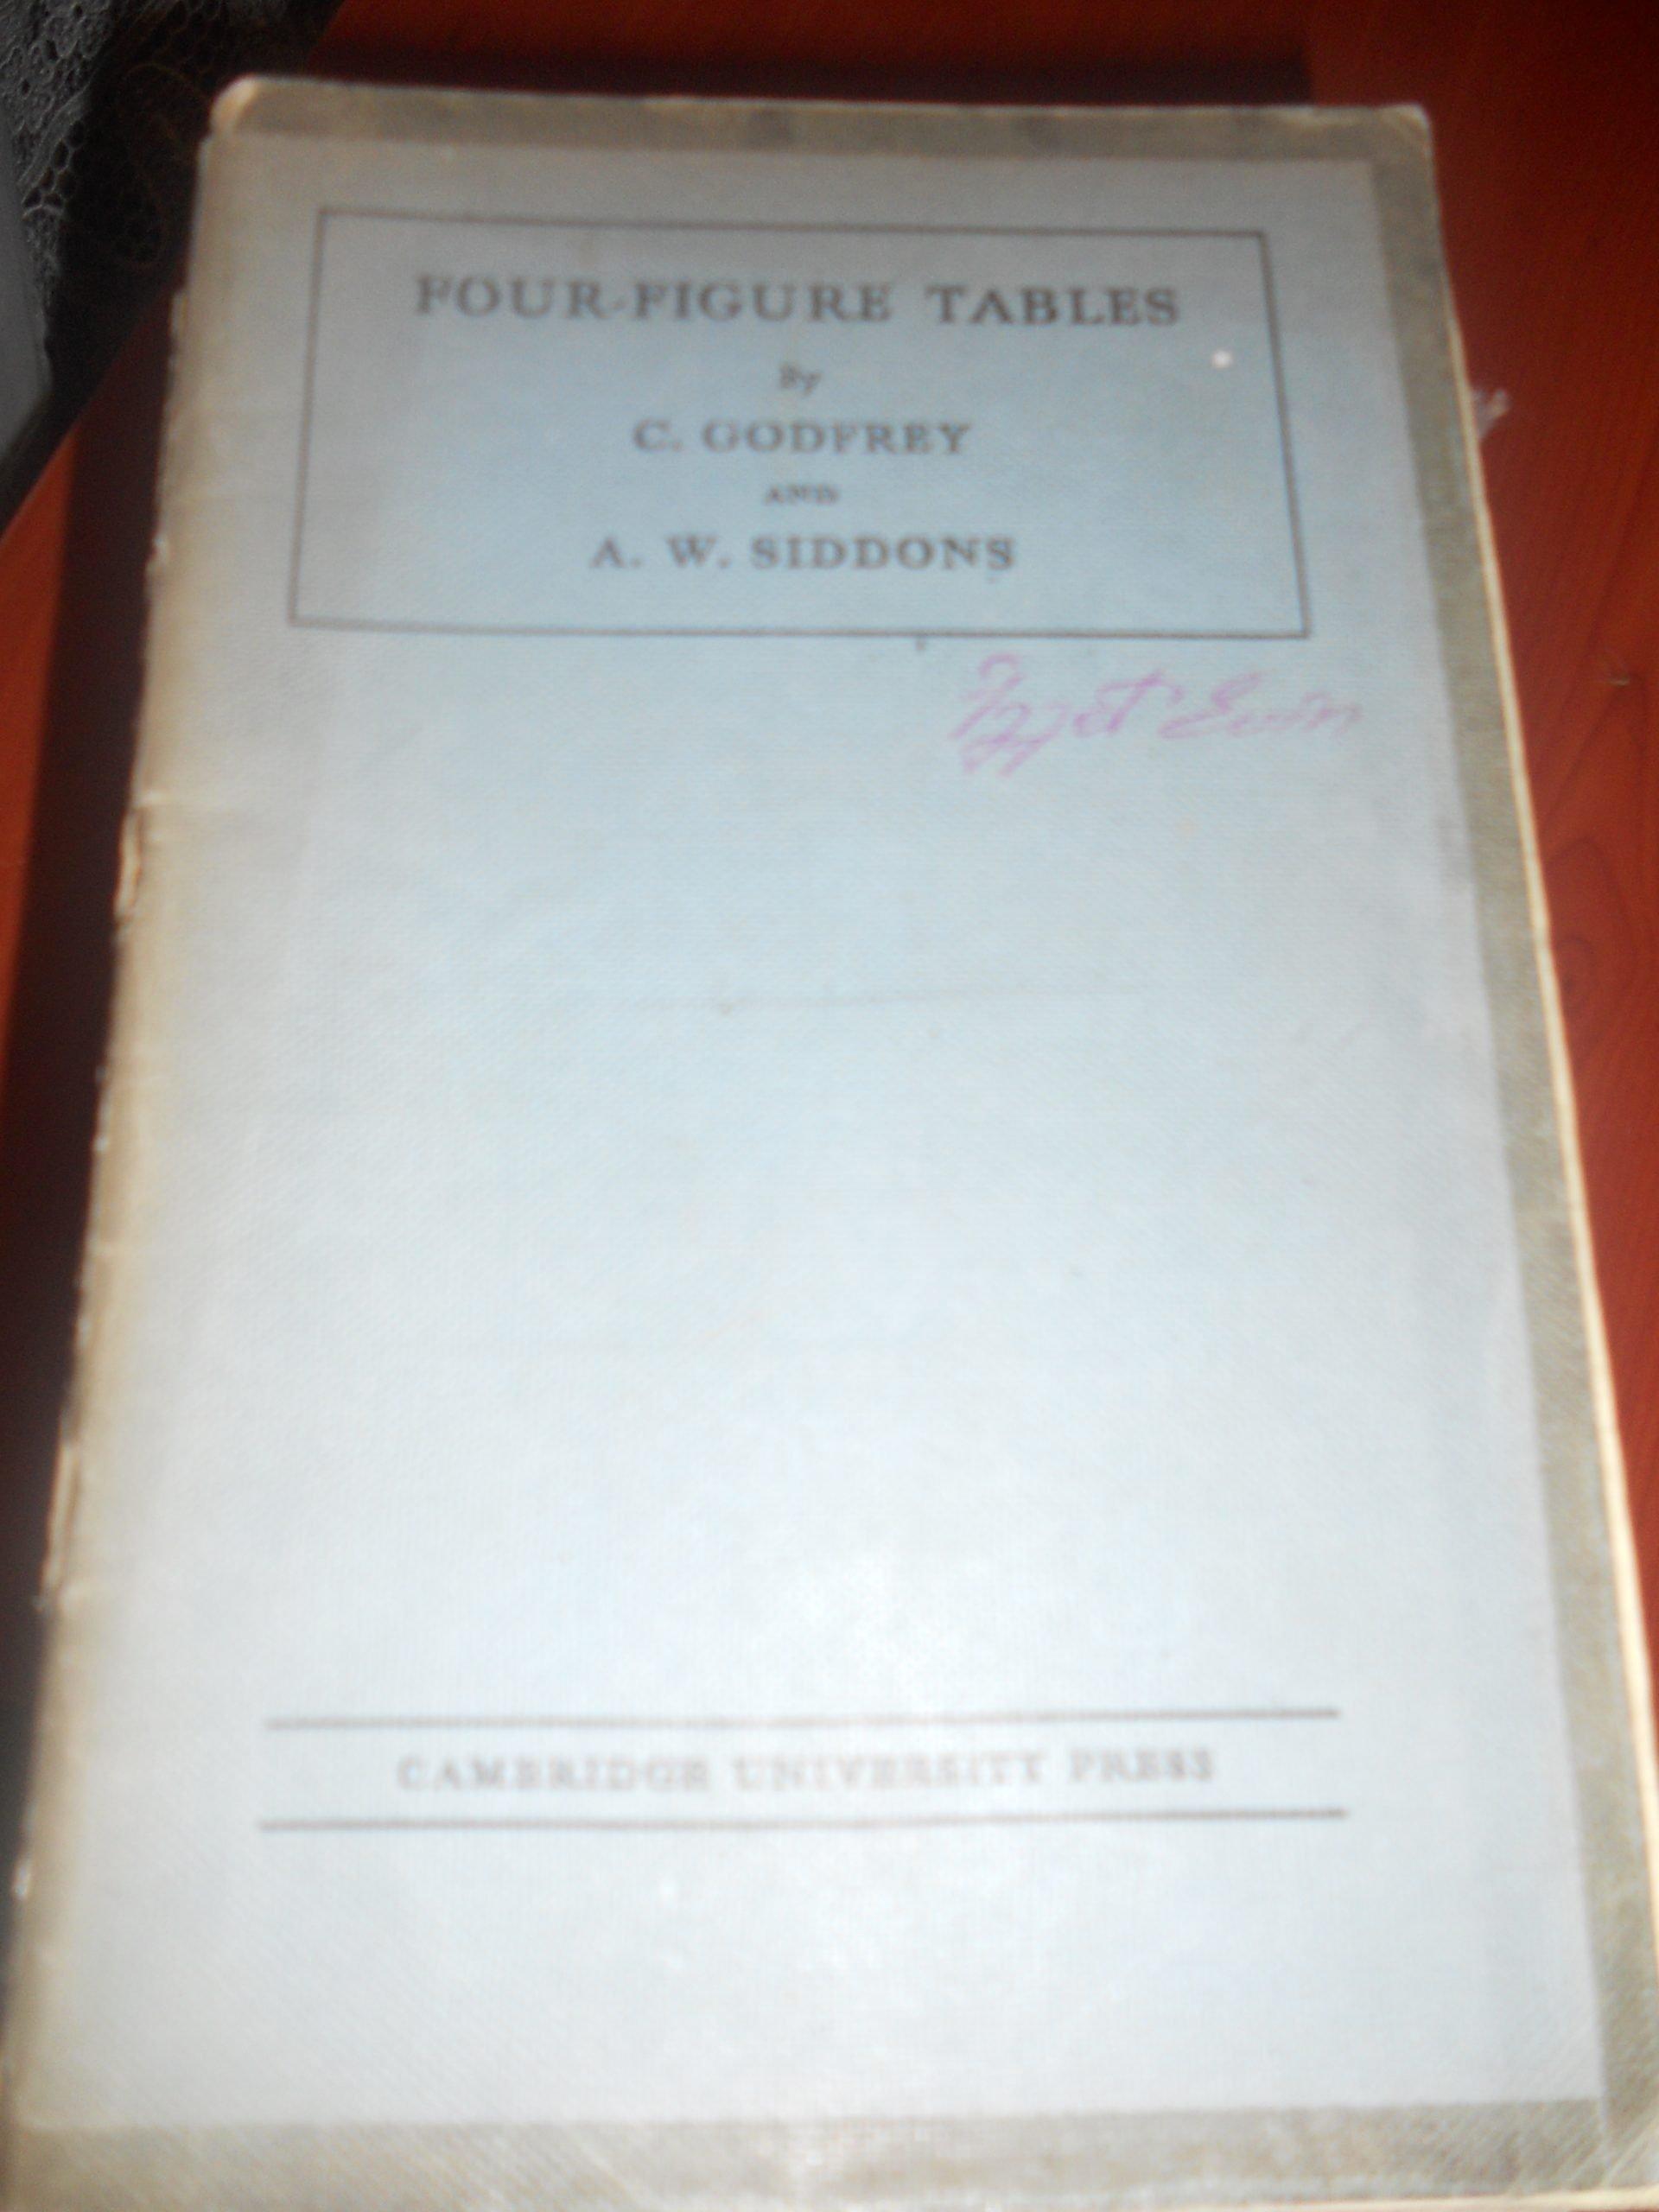 Four Fıgure Tables/ C.Godfrey.A.W Sıddons/20 tl